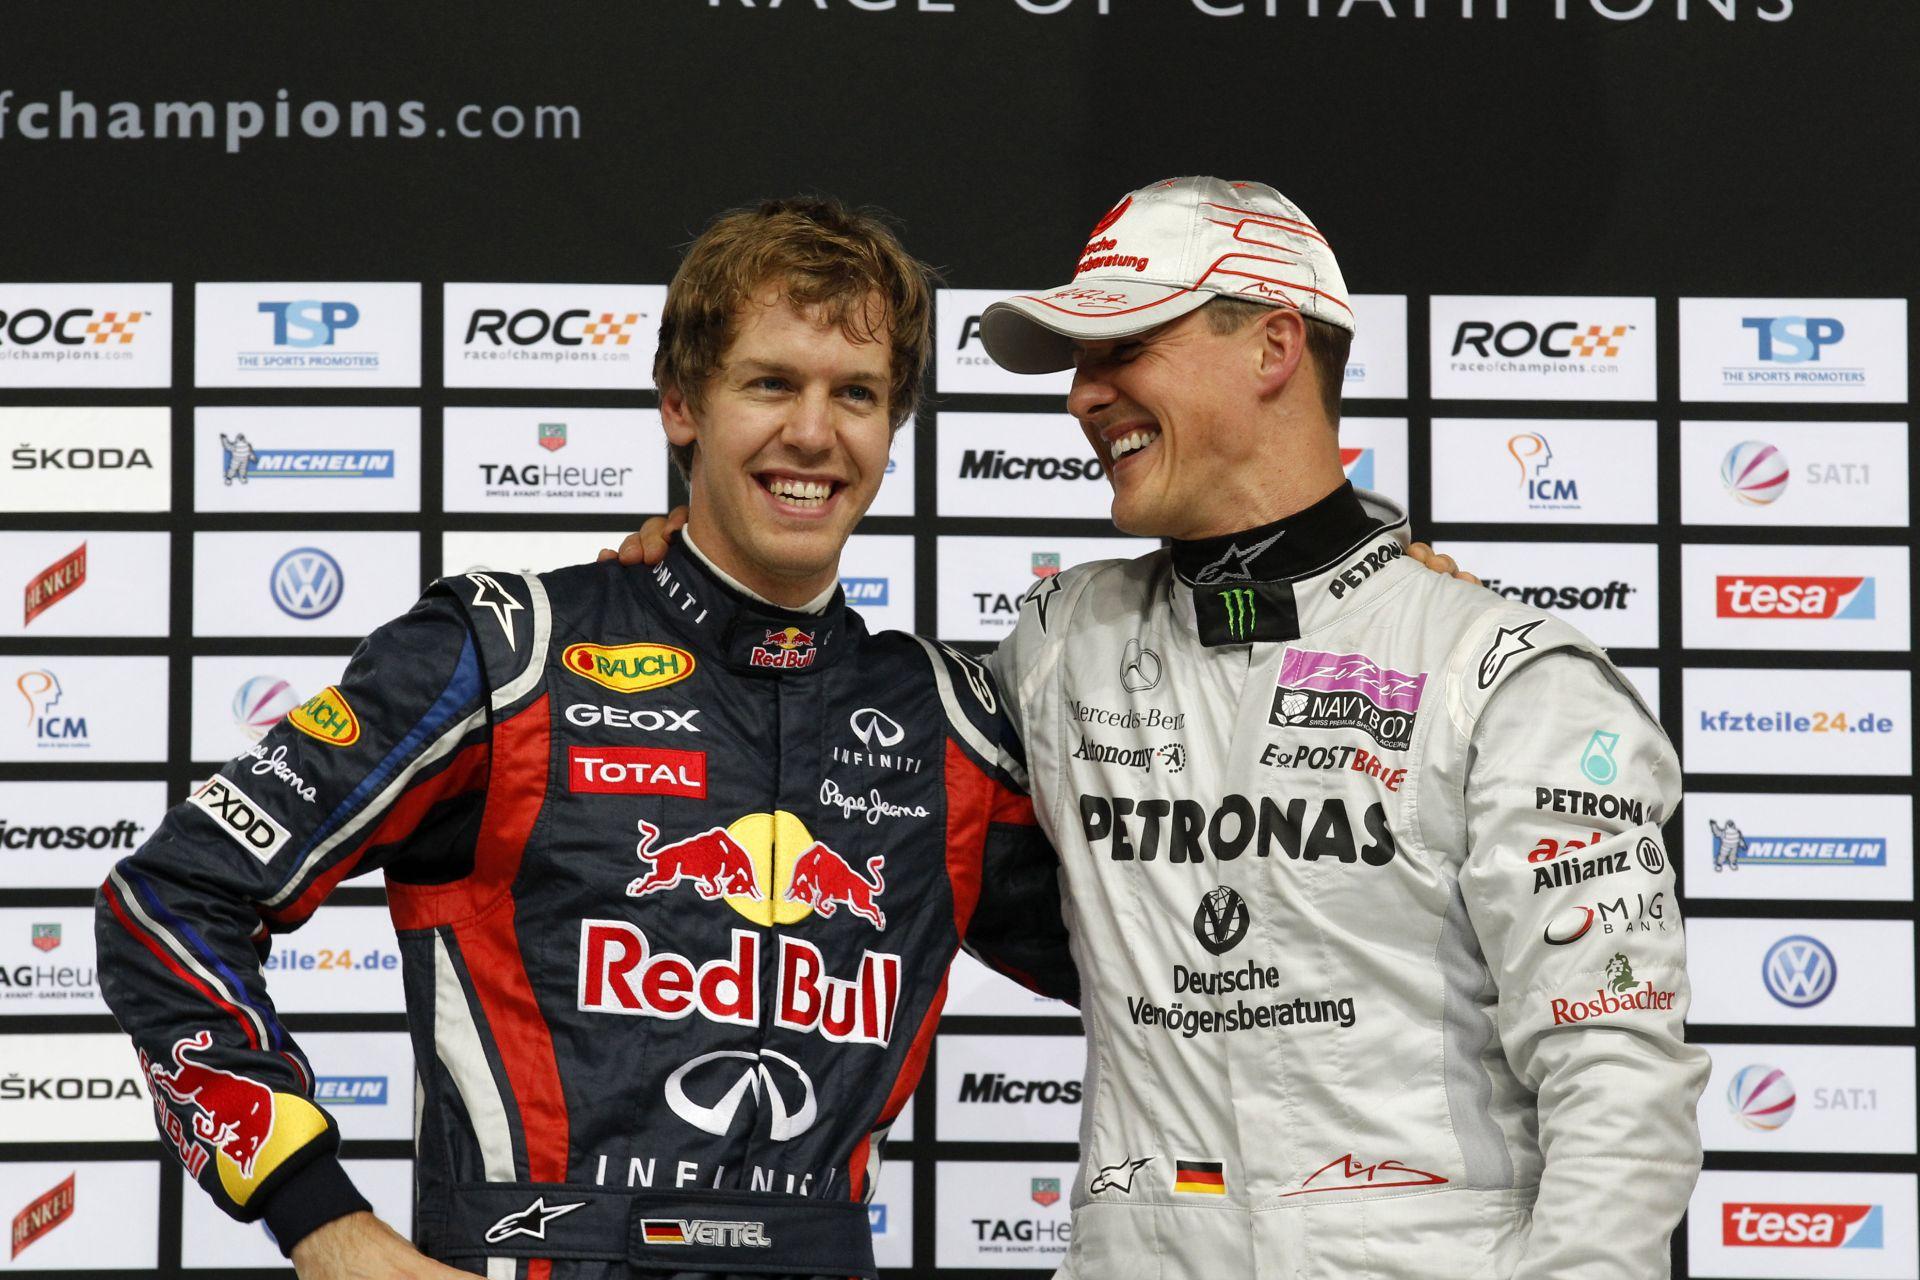 Schumacher nélkül már a Bajnokok Tornája sem az igazi: Vettel idővel az utódja lehet